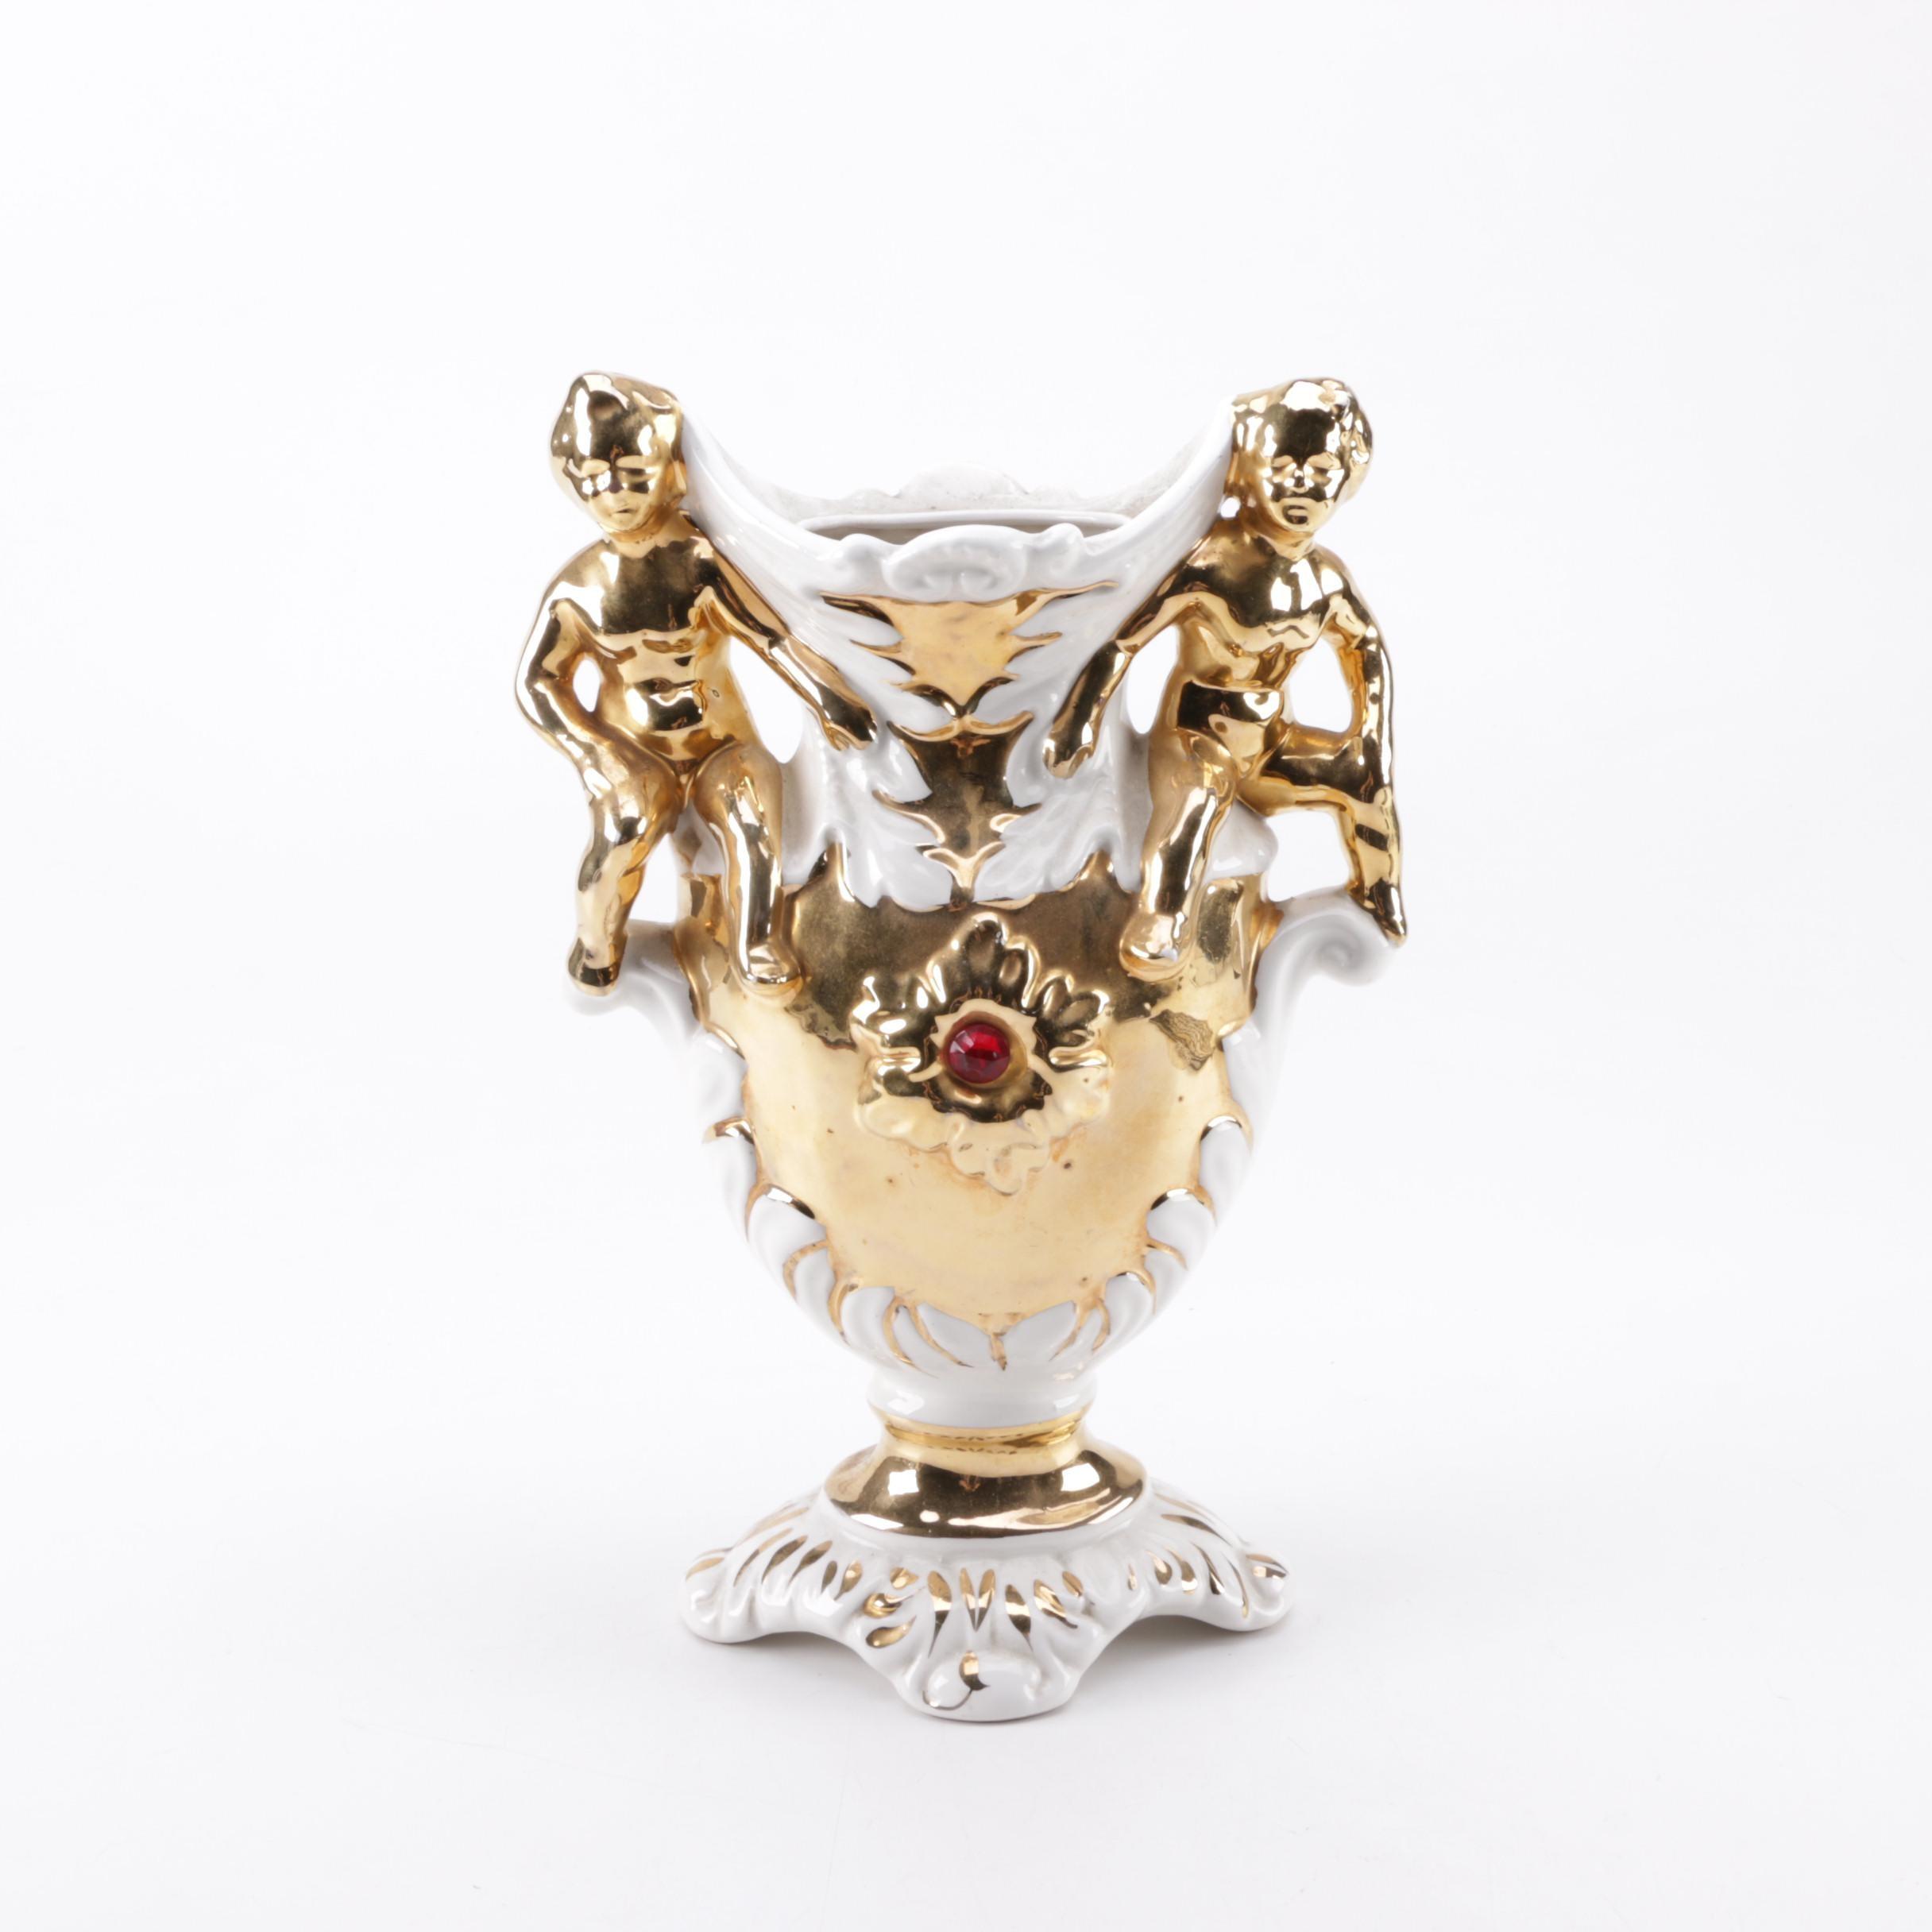 Gilded Italian Figural Porcelain Vase